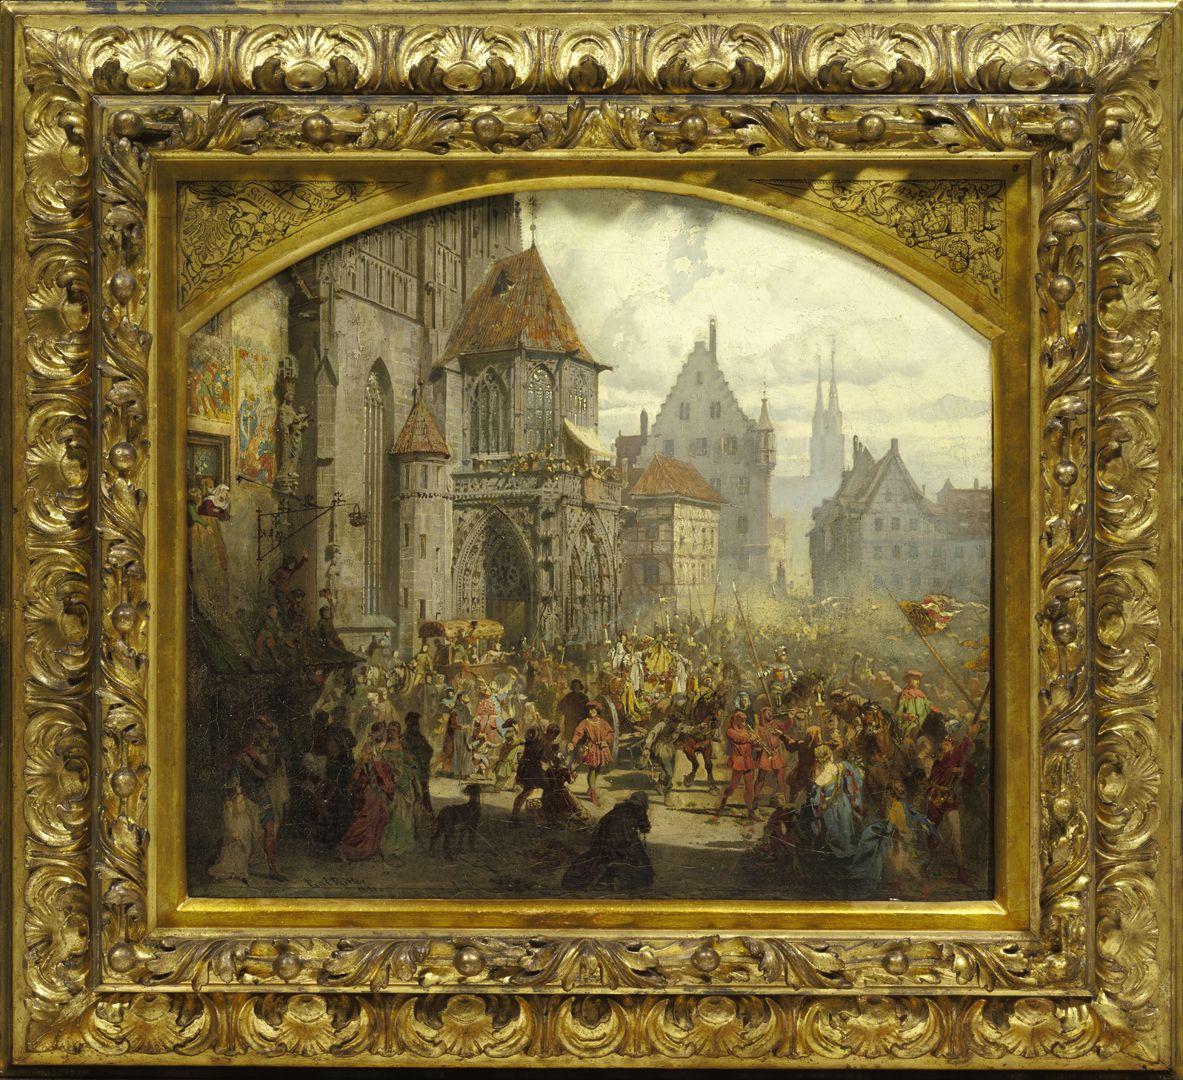 Die Einbringung der Reichskleinodien 1424 (Entwurf)